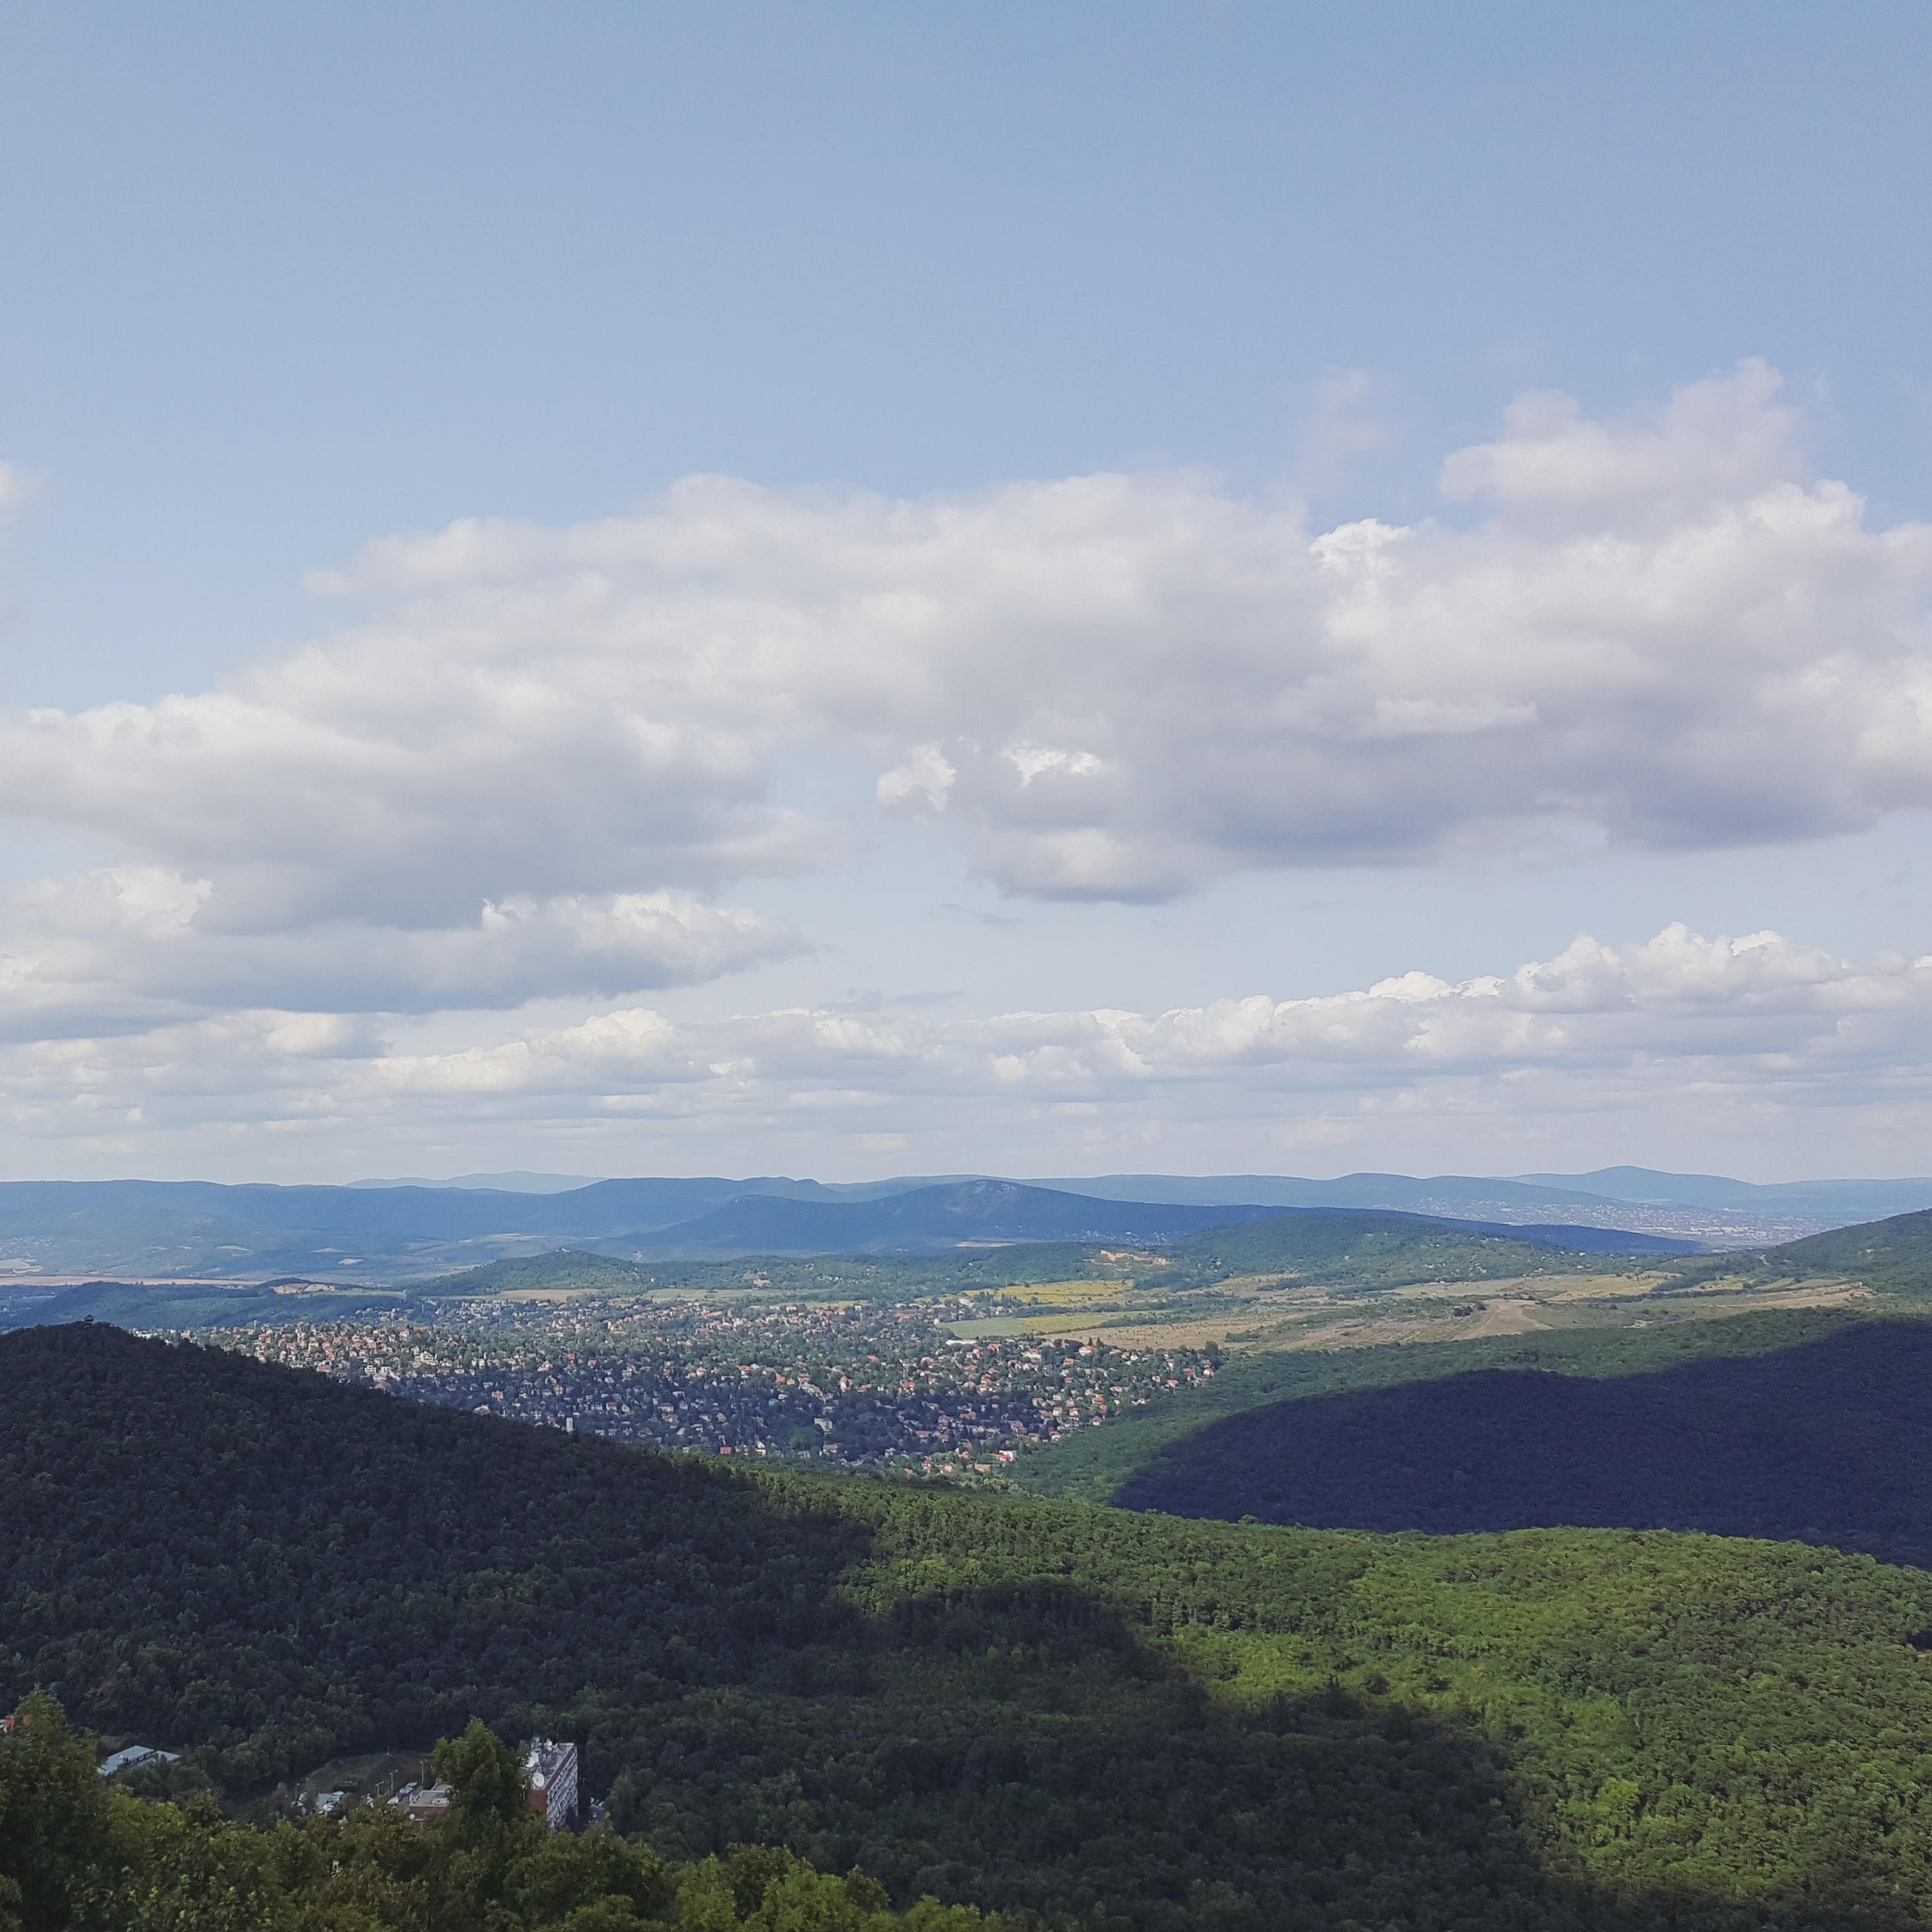 Op naar het hoogste punt in Boedapest, Jánoshegy! Vanaf de Erzsébet uitkijktoren zie je de mooiste uitzichten. Meer weten? Kijk op doeninboedapest.nl